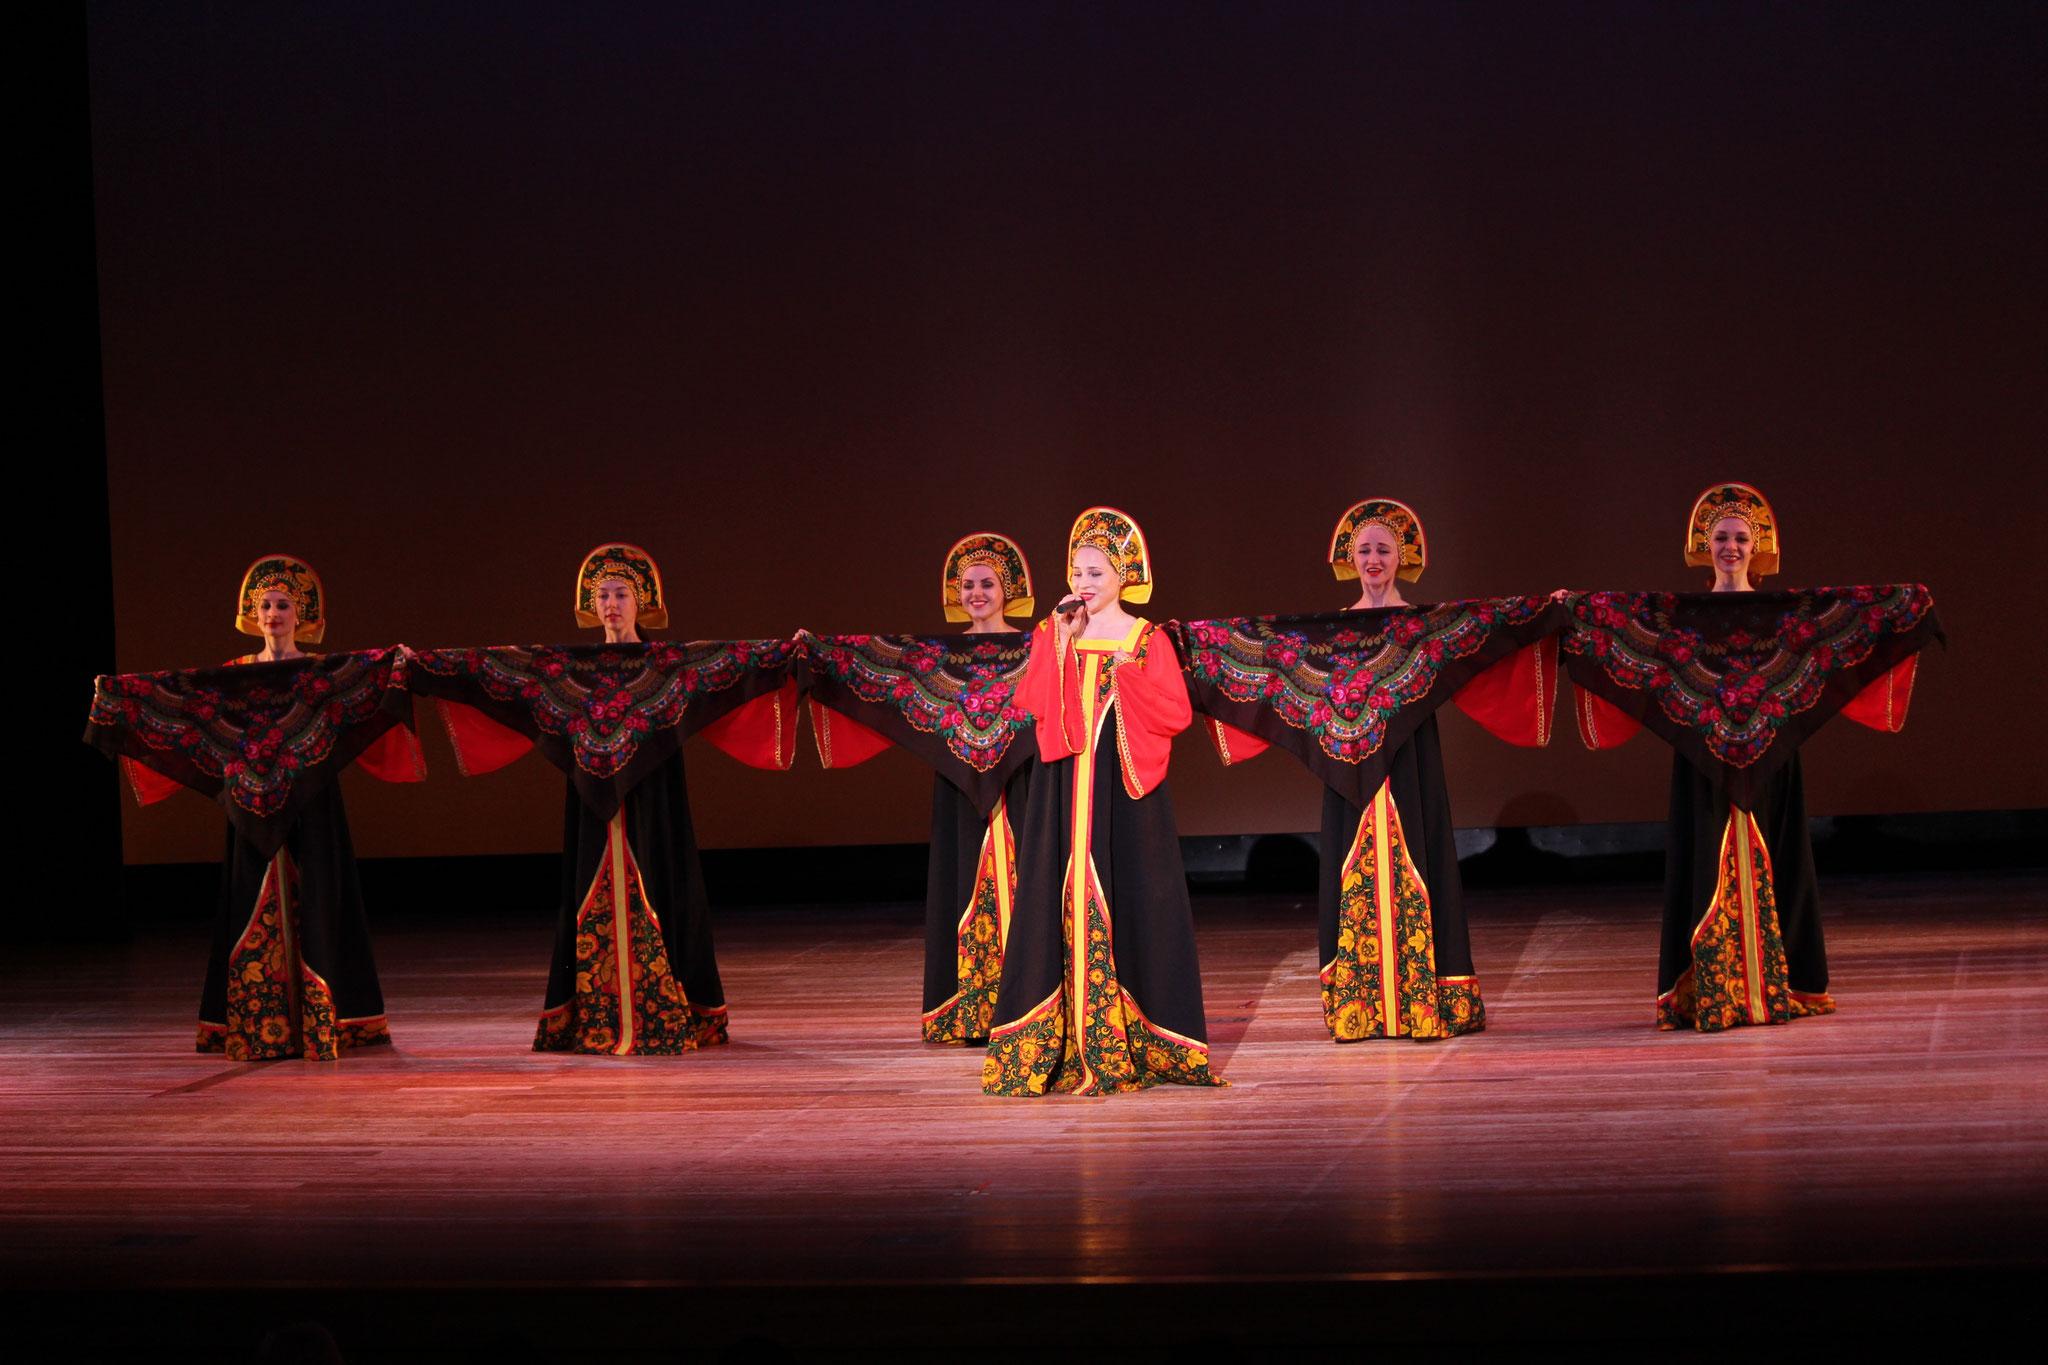 ロシアの民族舞踊